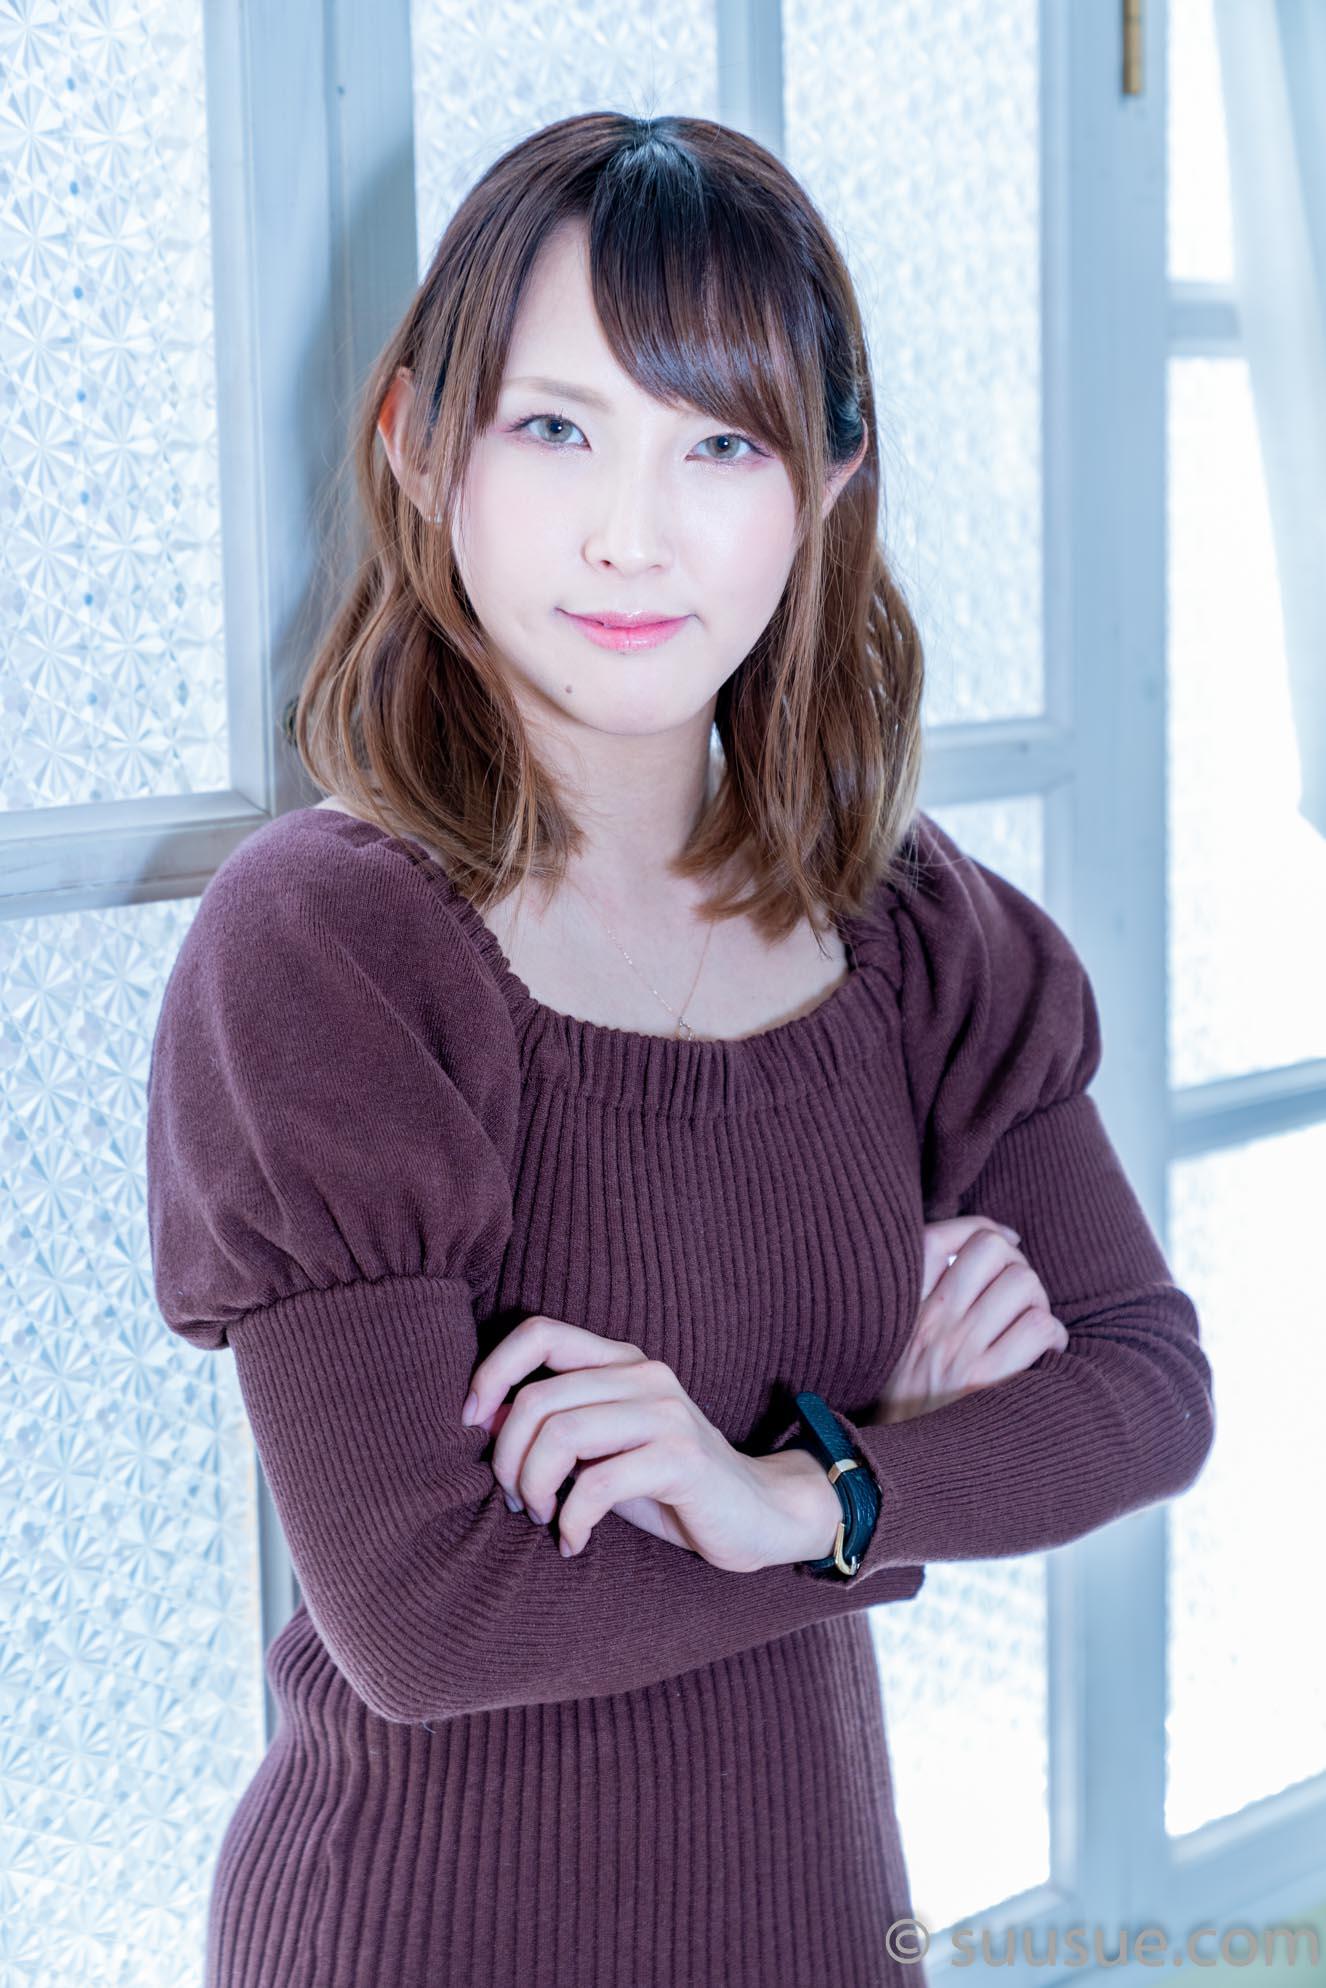 星乃ピノ 2020/01/12 マシュマロ撮影会